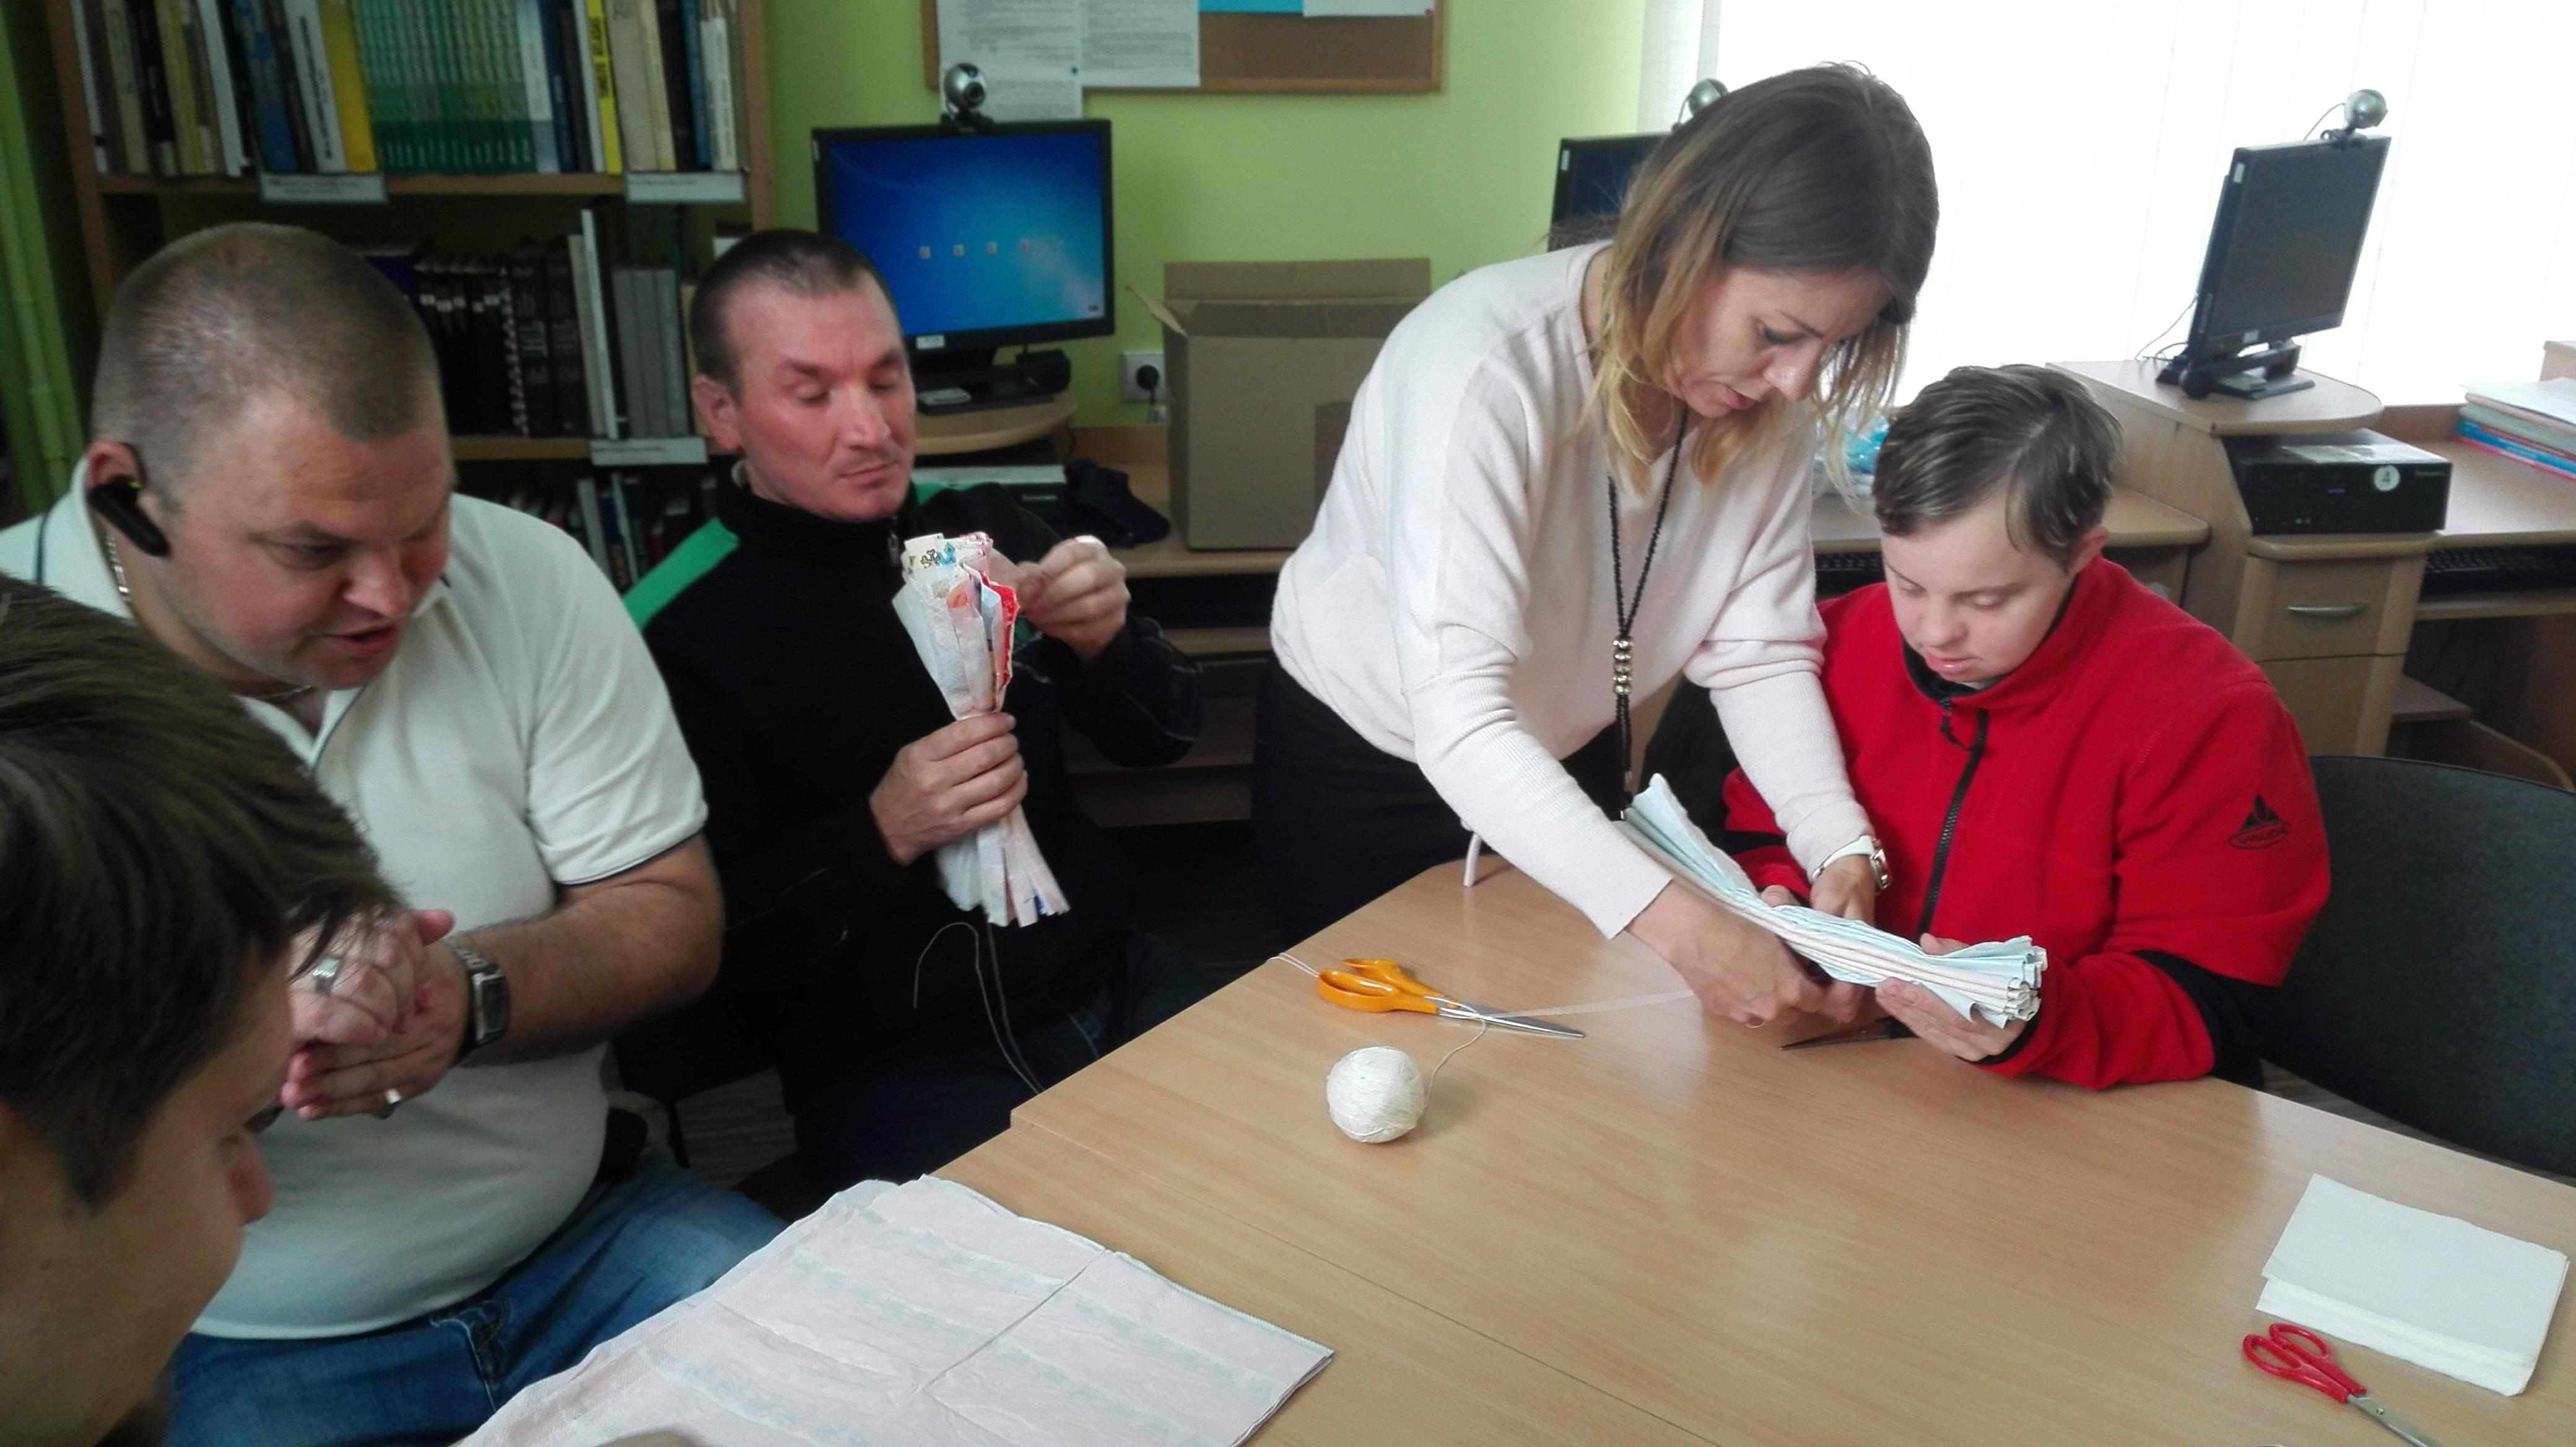 Neįgalieji dalyvavo kūrybinėse dirbtuvėse